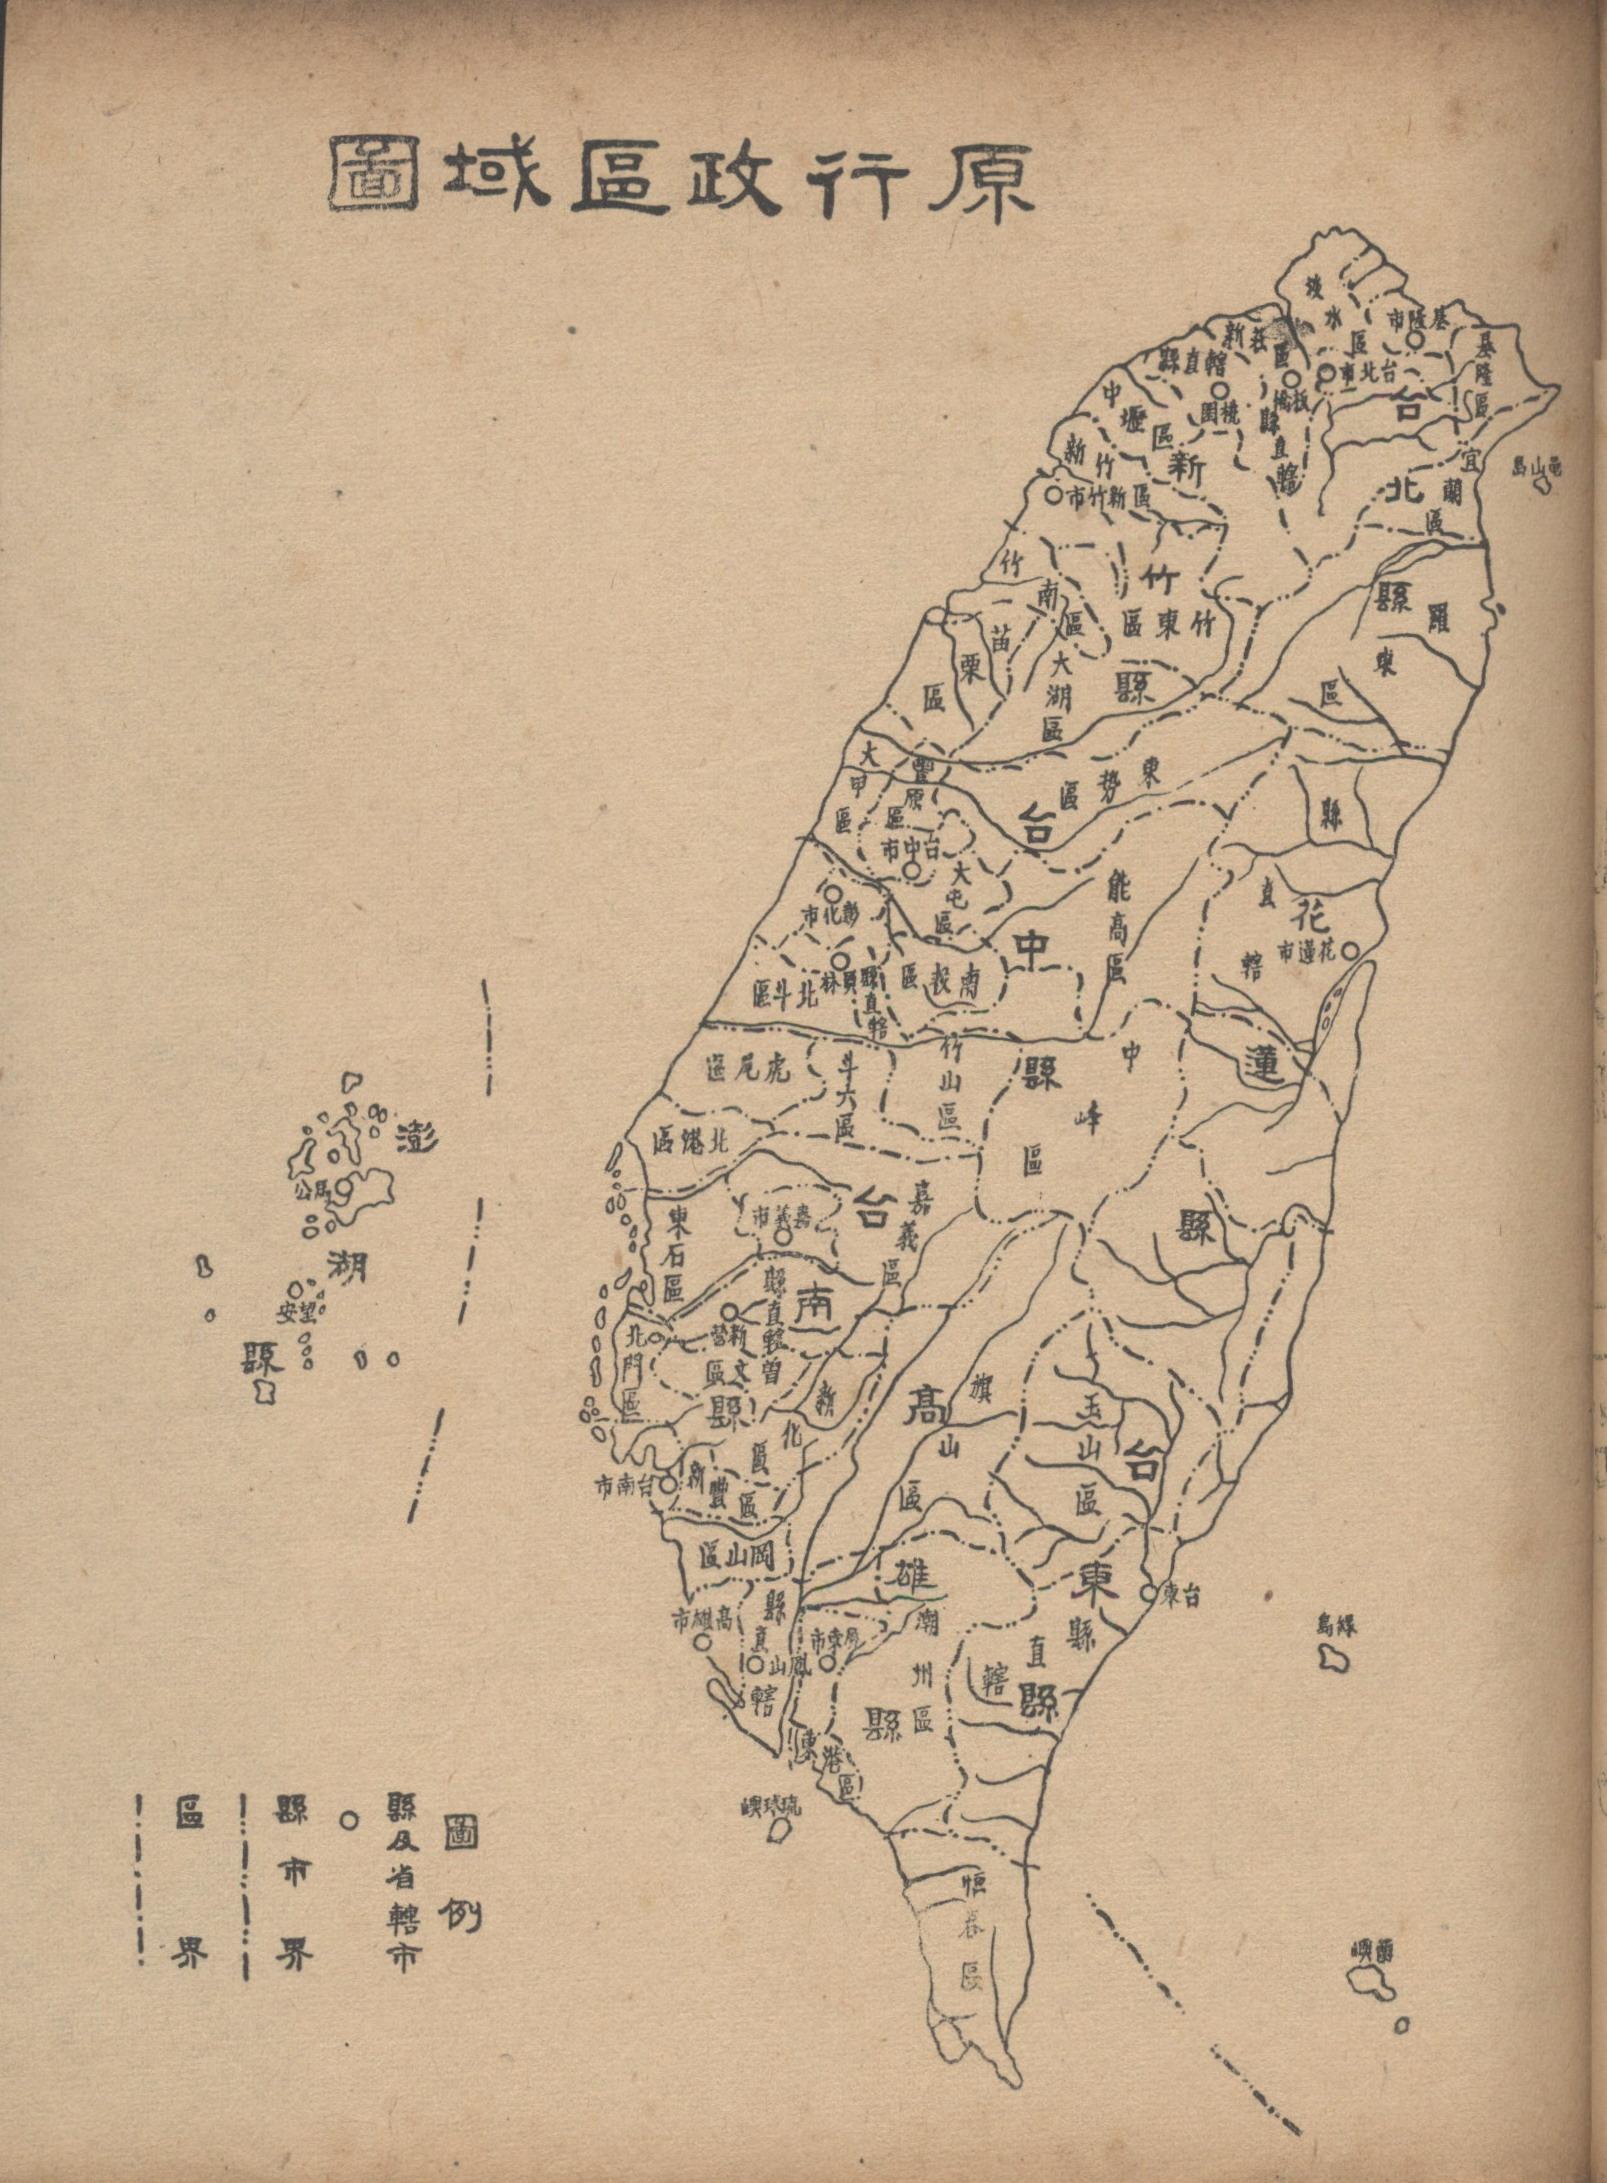 行政長官公署時期行政區域圖